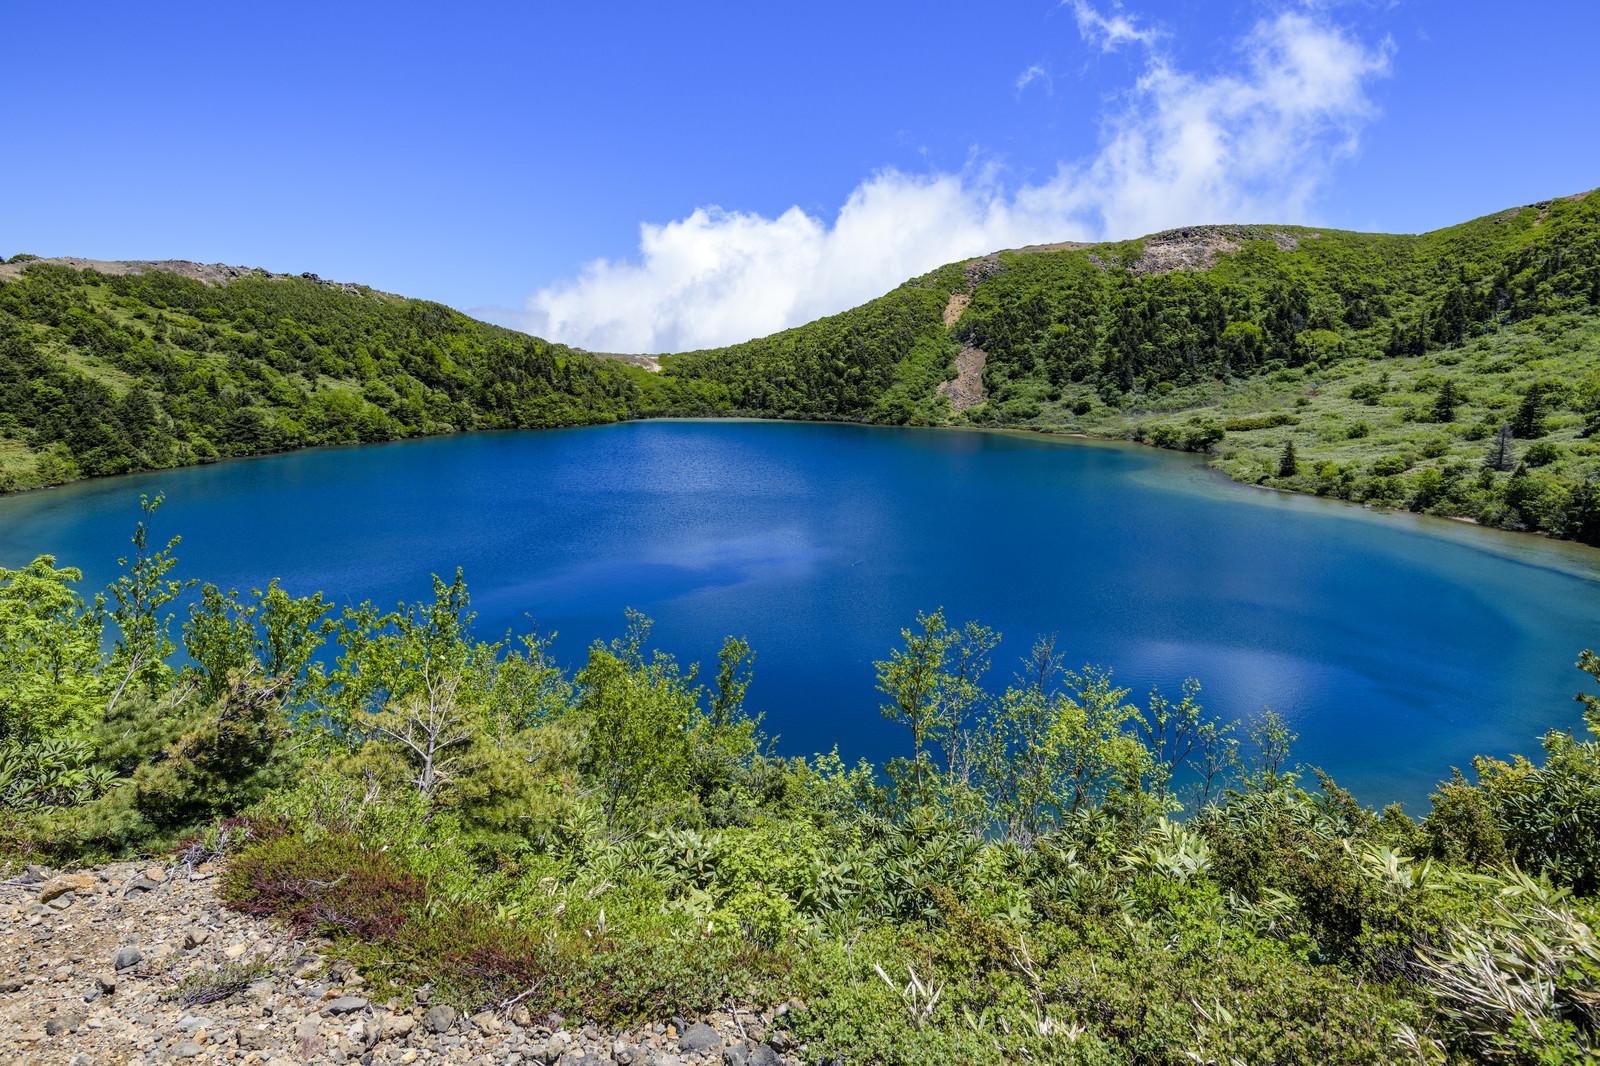 「真っ青な水を携えたカルデラ湖(魔女の瞳)」の写真